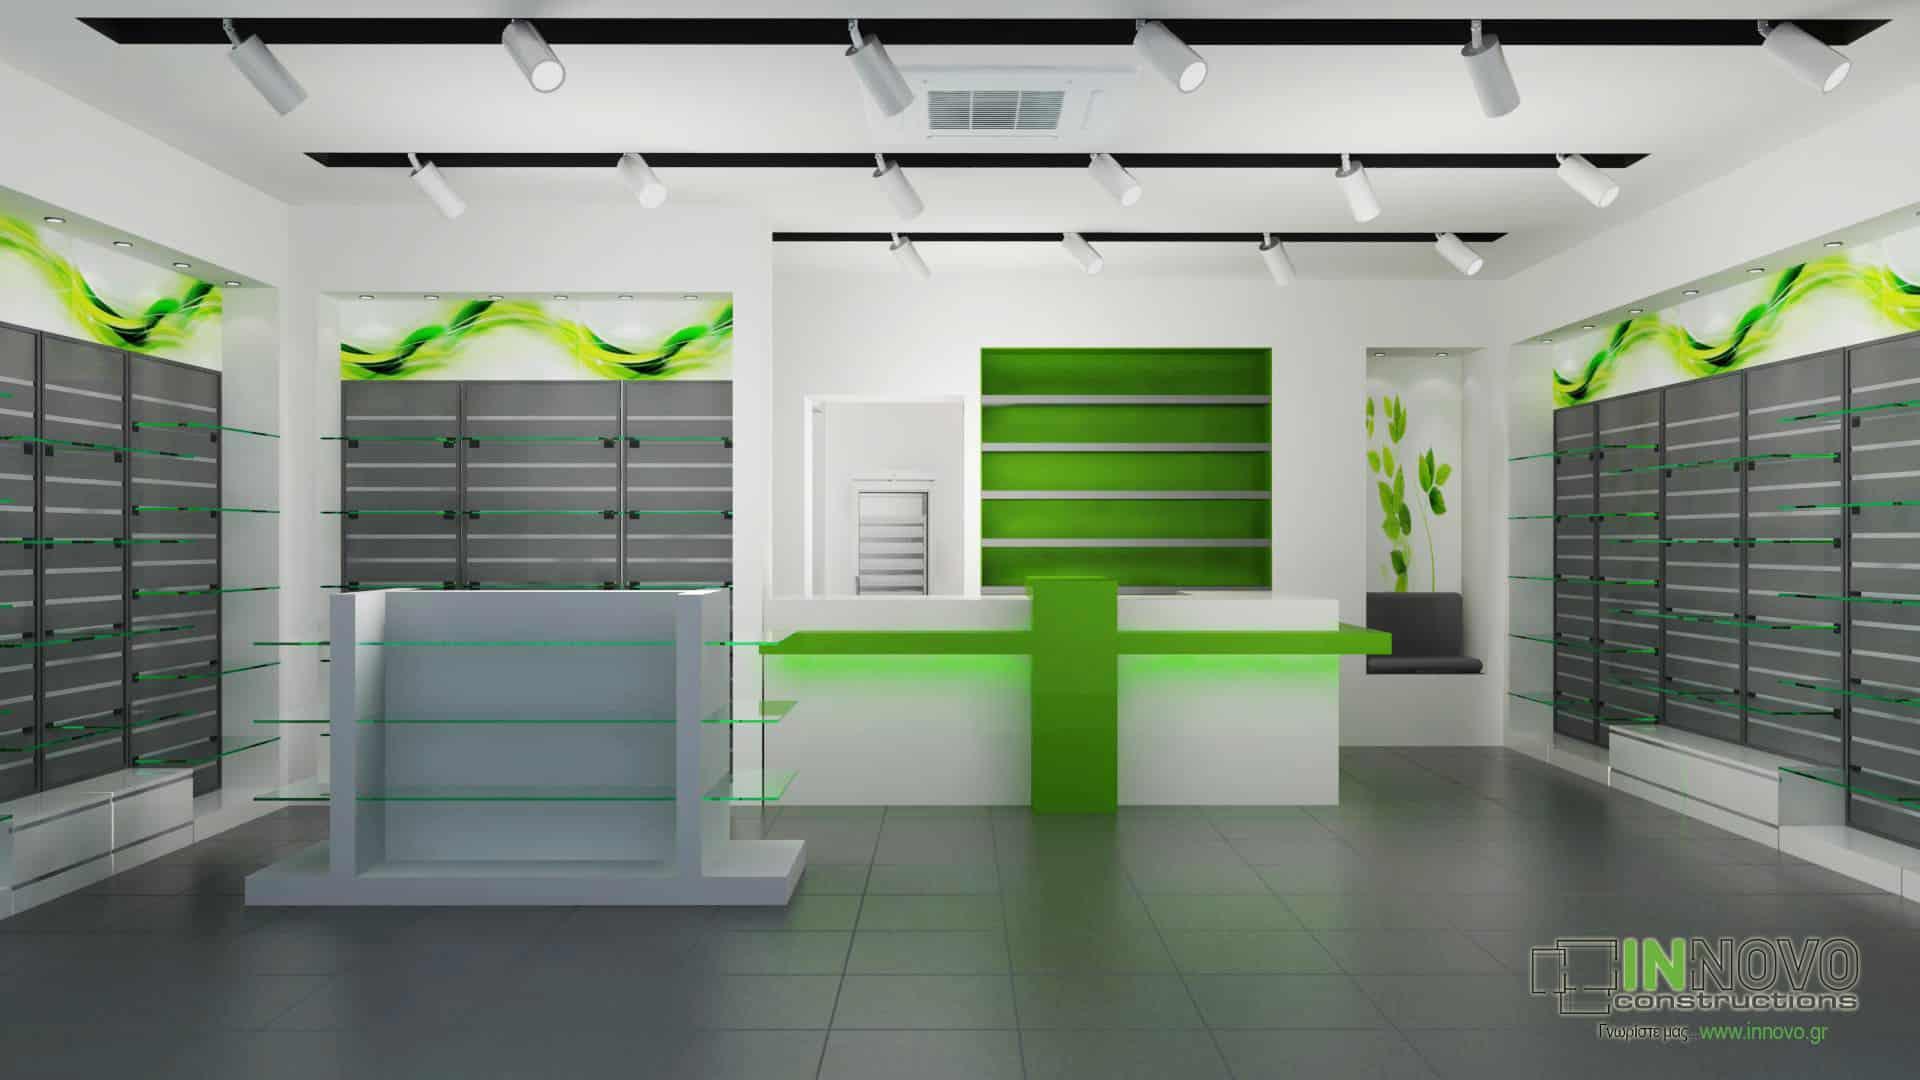 Σχεδιασμός ανακαίνισης φαρμακείου στο Μοσχάτο